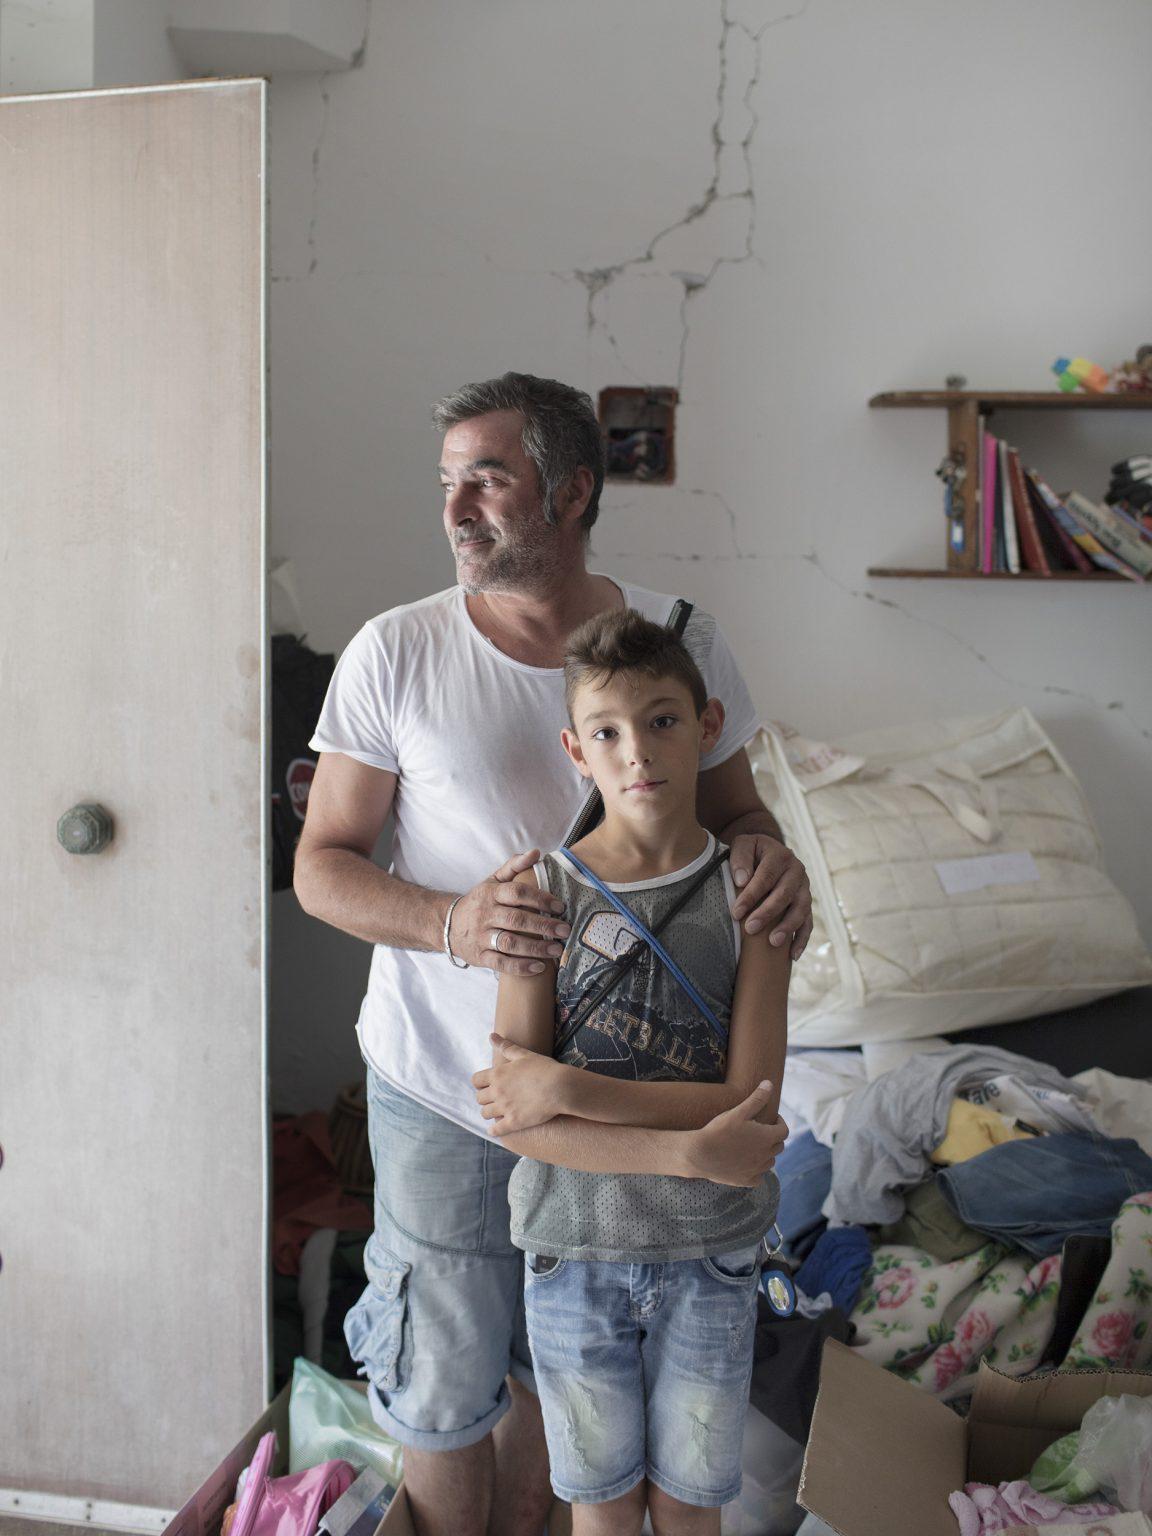 Vincenzo Lauri Vincenzo e il figlio Cristian visitano la casa della nonna a Trisungo, frazione di Arquata del Tronto. La famiglia Lauri ha passato più di un anno in un Hotel a Porto d'Ascoli prima di trasferirsi in una S.A.E. ad Arquata del Tronto.